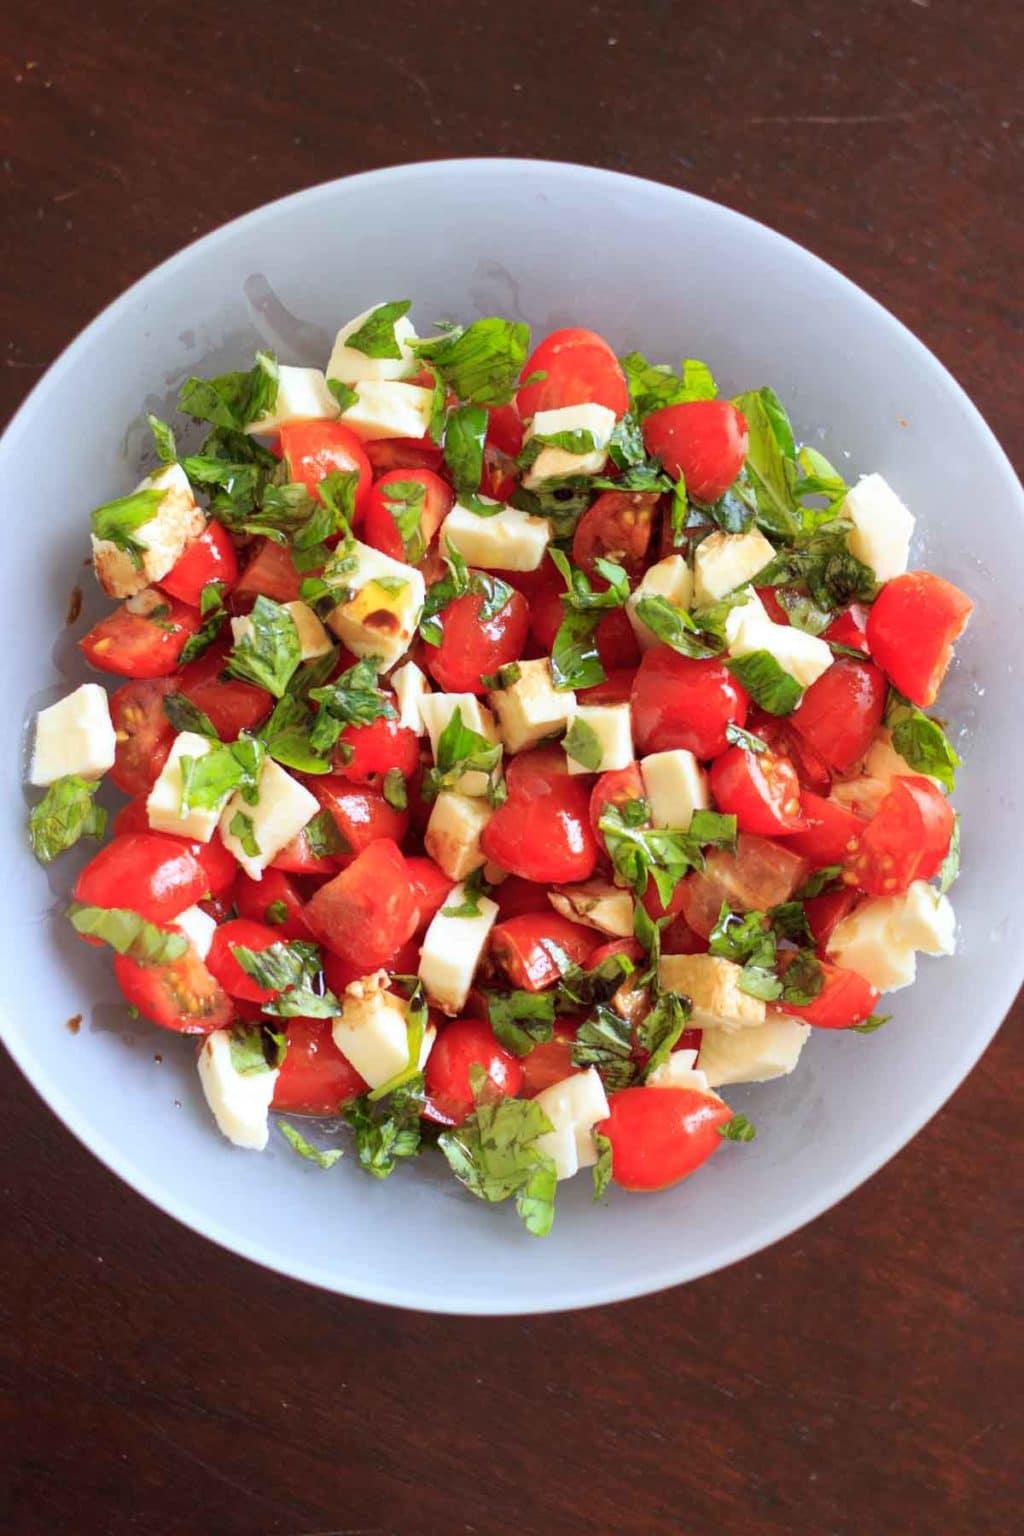 Easy Tomato and Mozzarella Salad recommendations